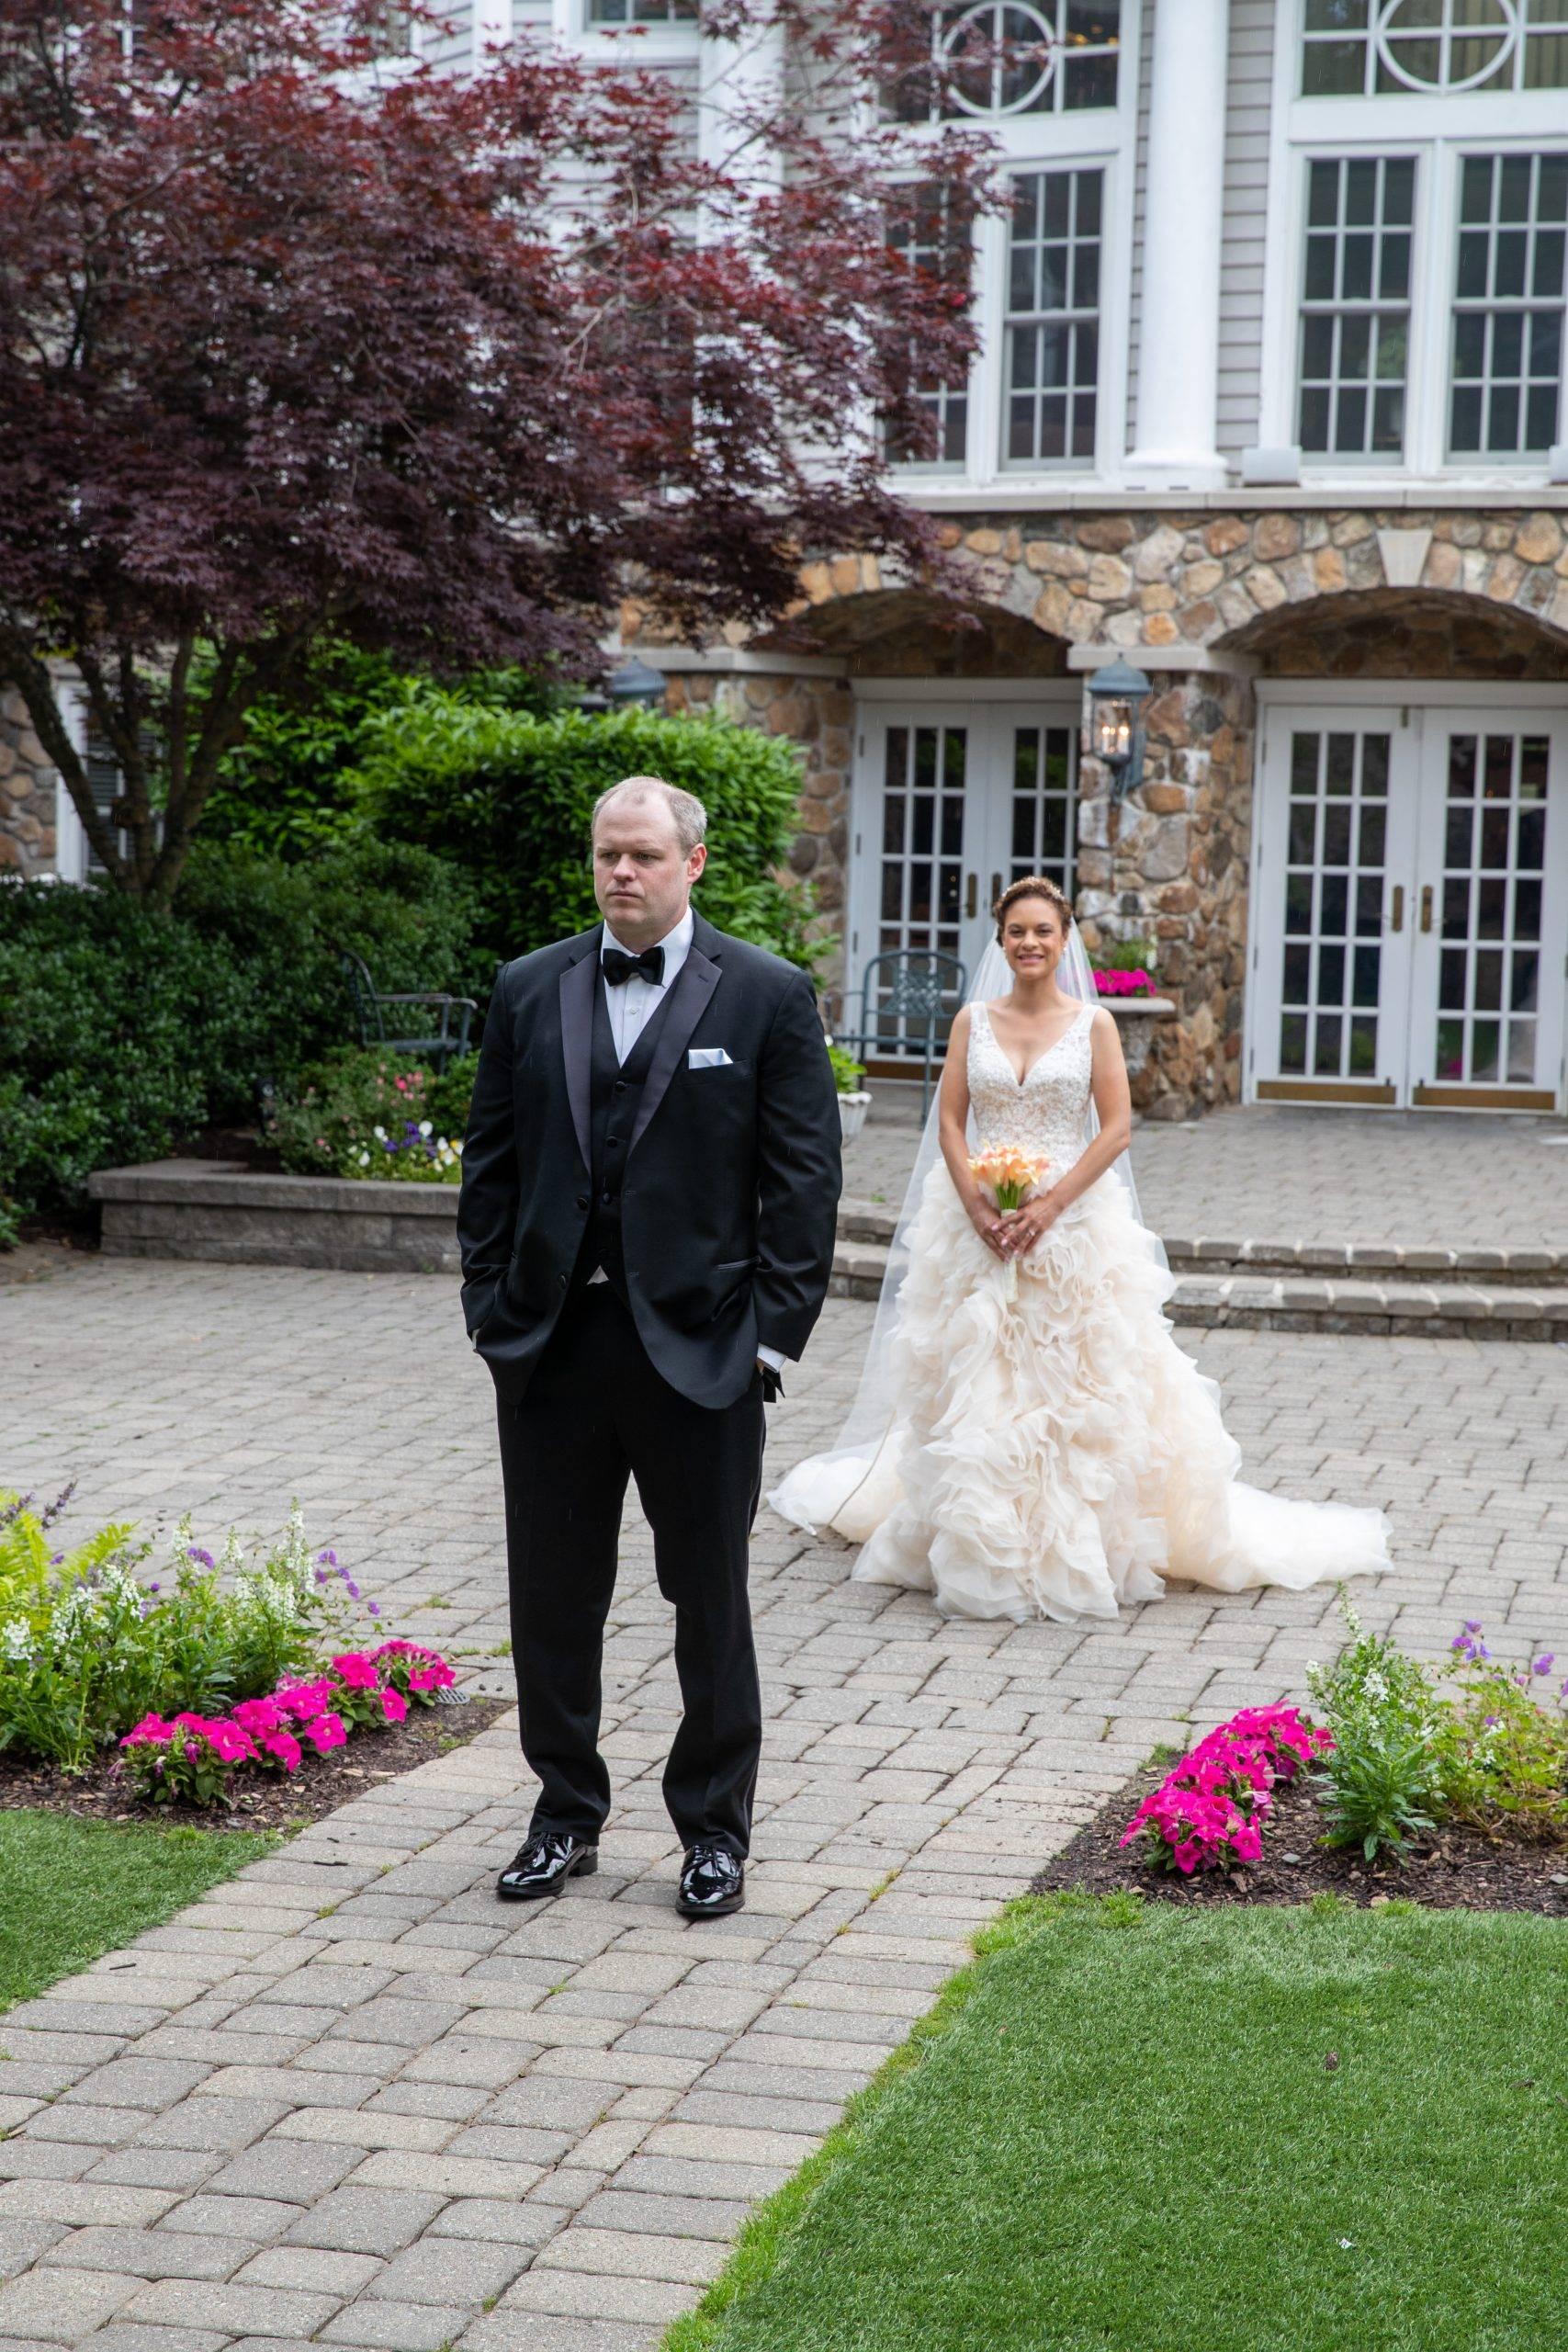 Olde Mill Inn bride approaching groom